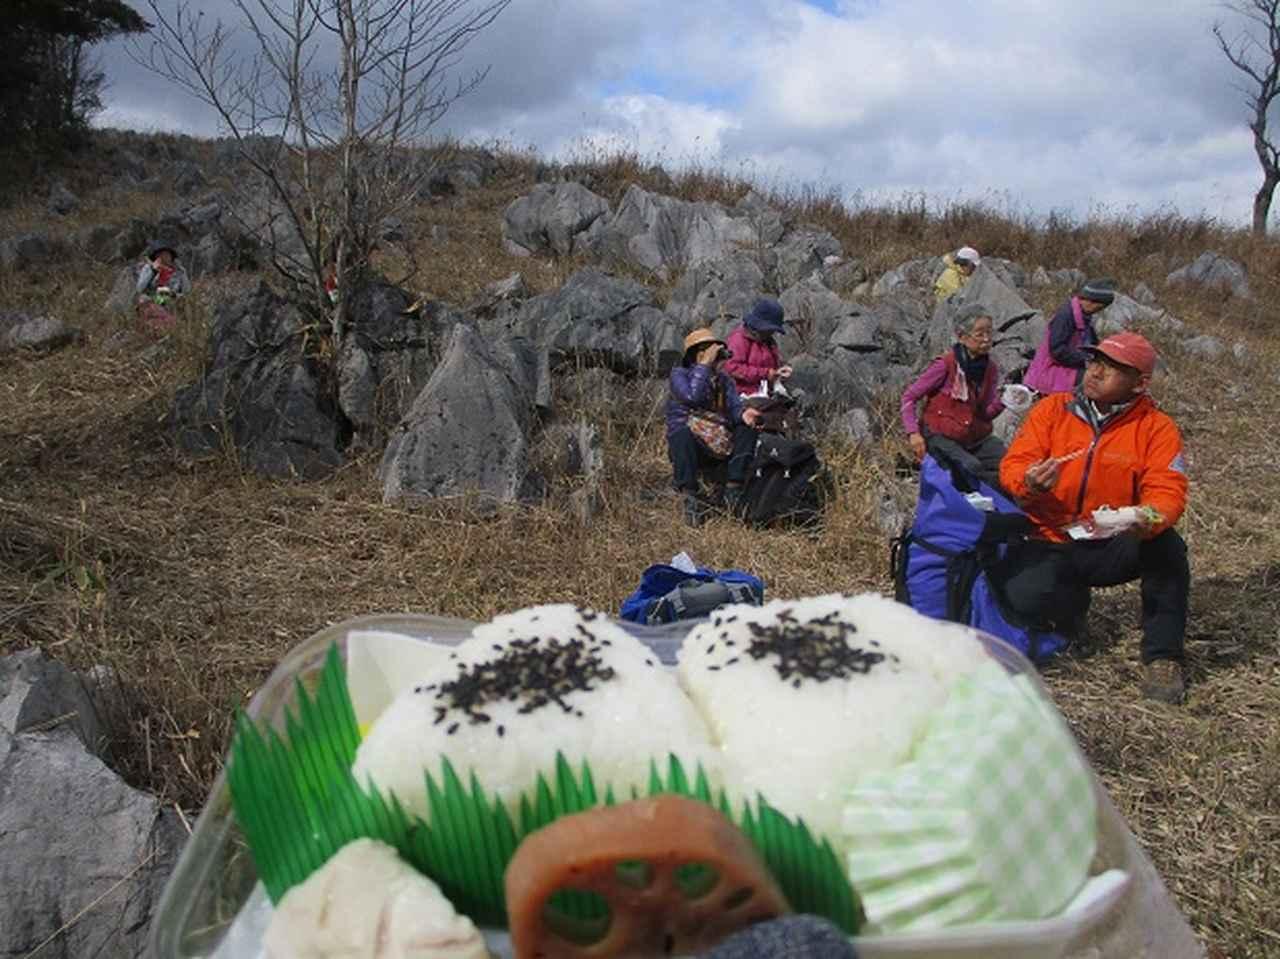 画像10: 【山旅会・登山ガイドこだわりツアー】添乗員からの便り・広島県と山口県のツアーにいってまいりました!(その2)